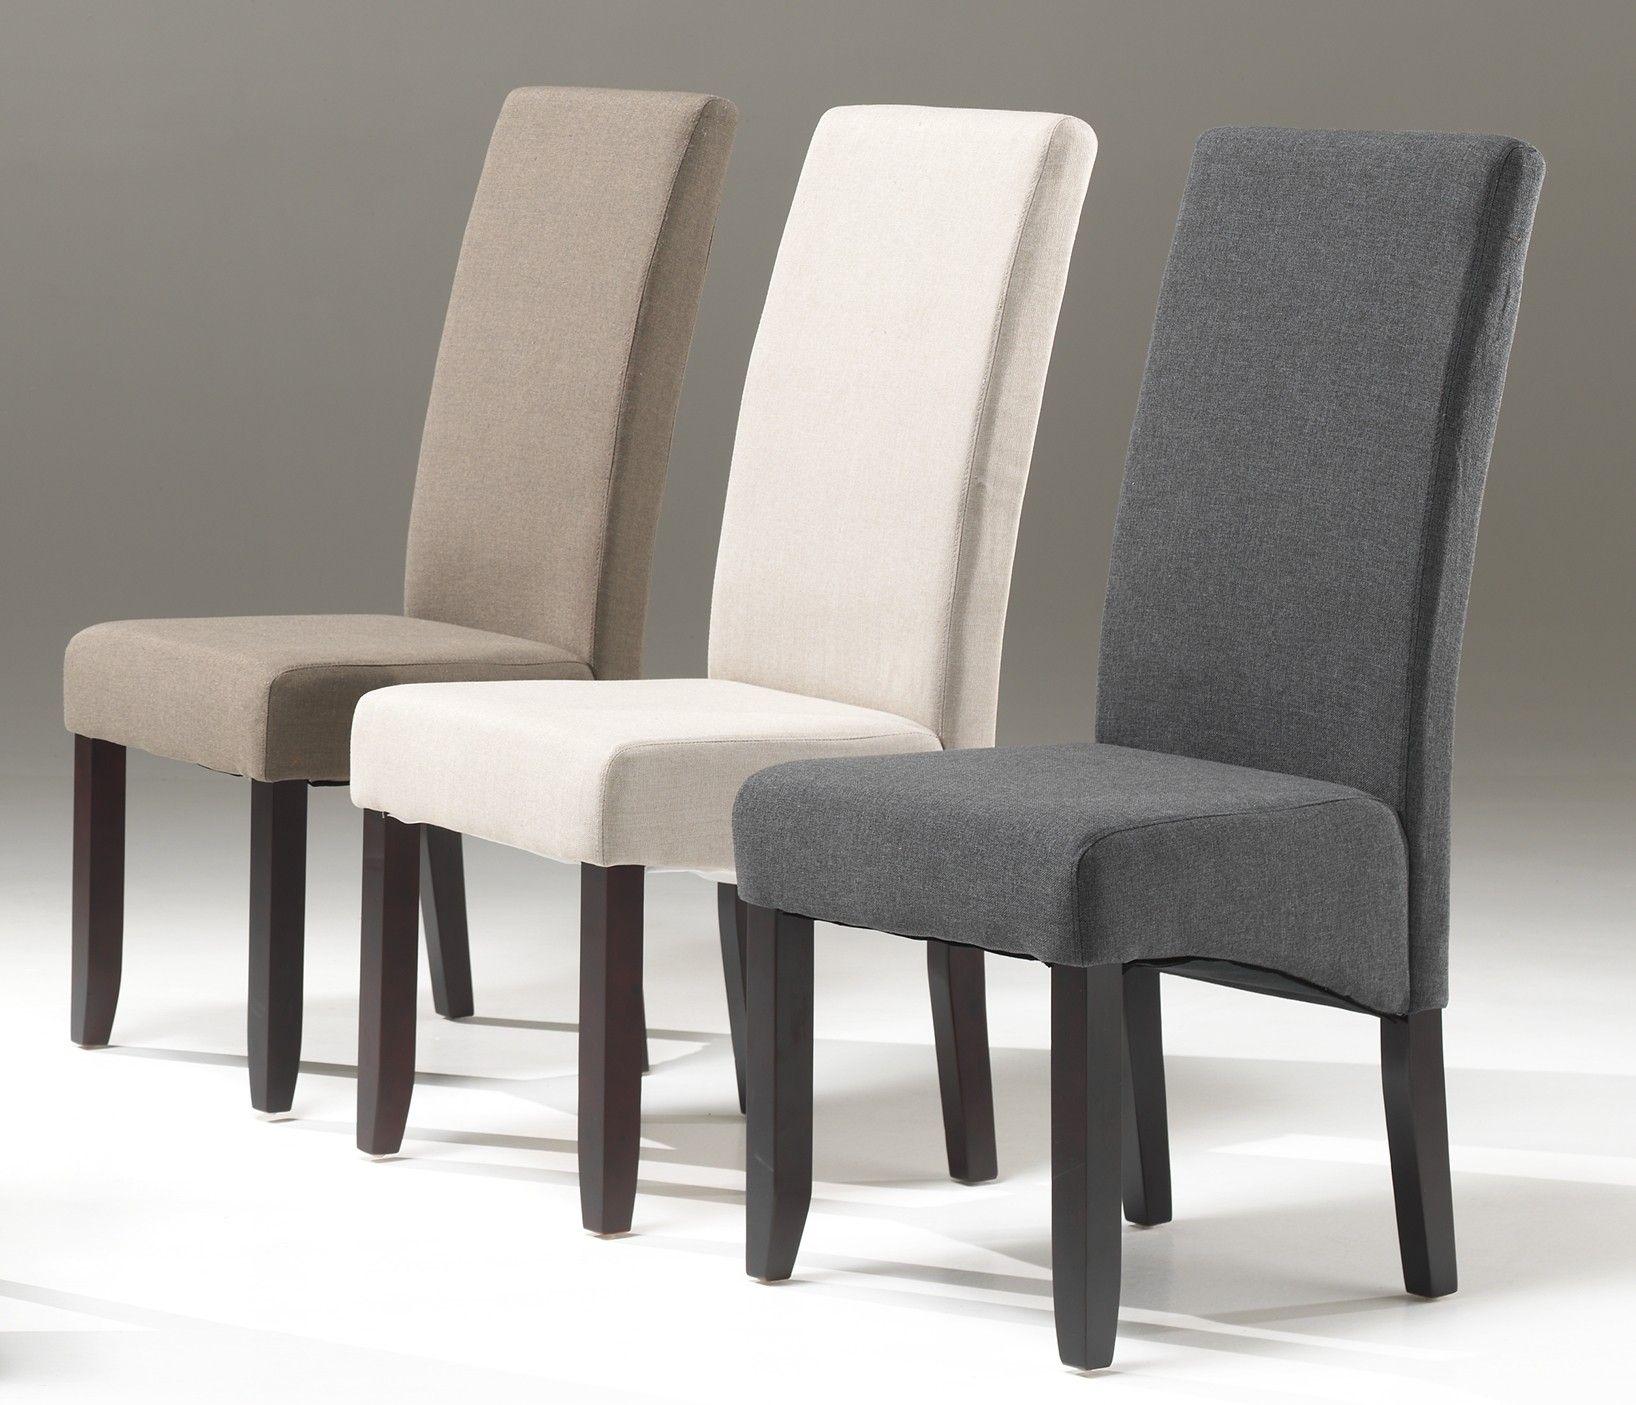 impressionnant chaise salle a manger tissu gris - Chaise En Bois Salle A Manger